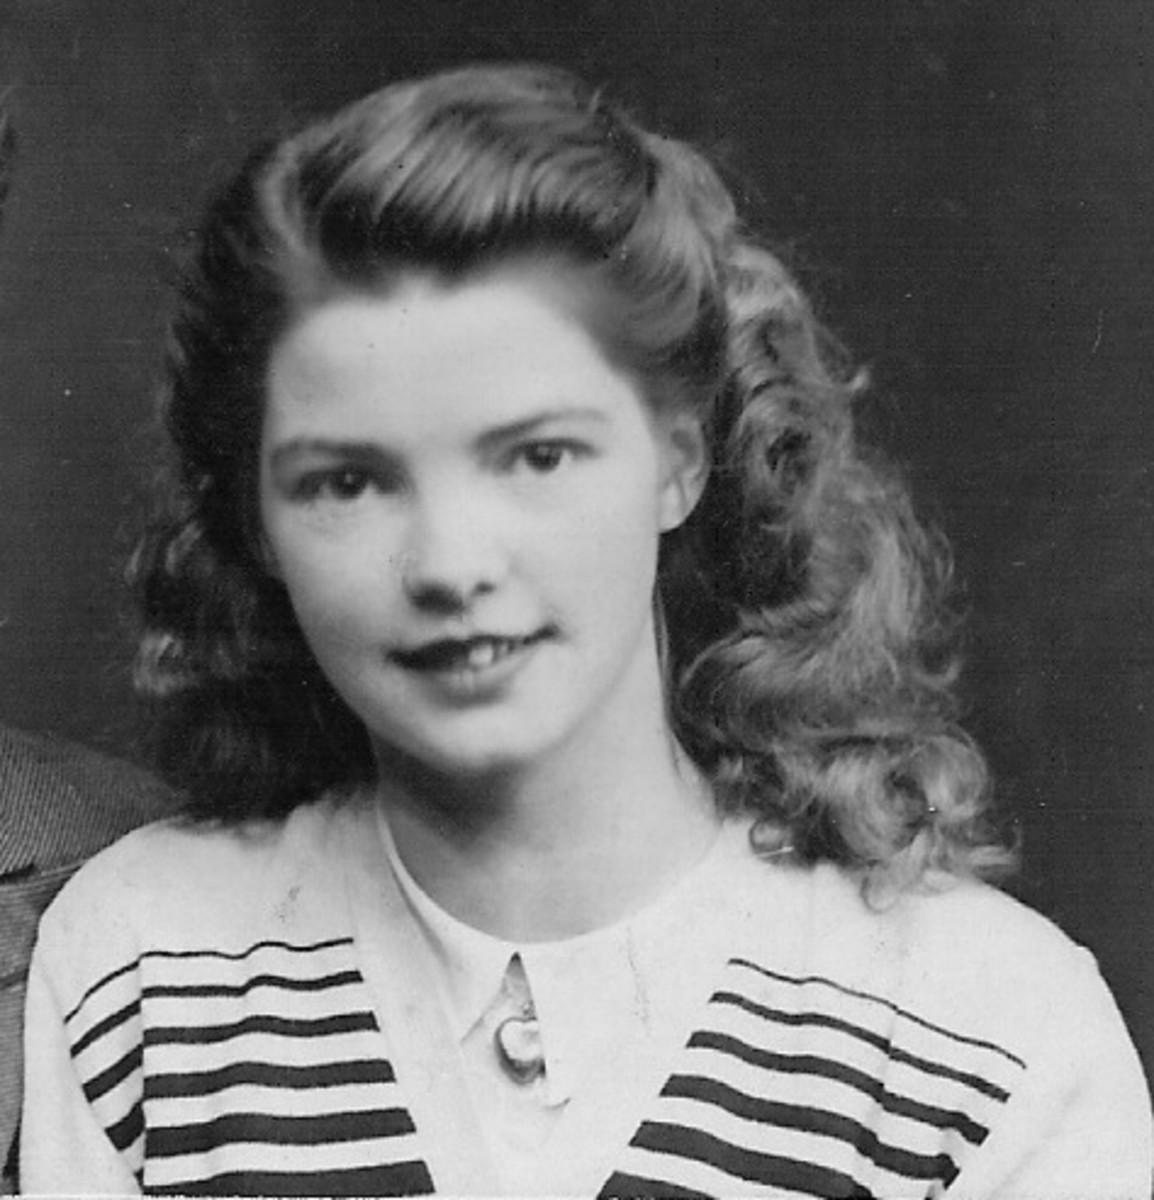 Christina Kiely in 1952 in Ireland